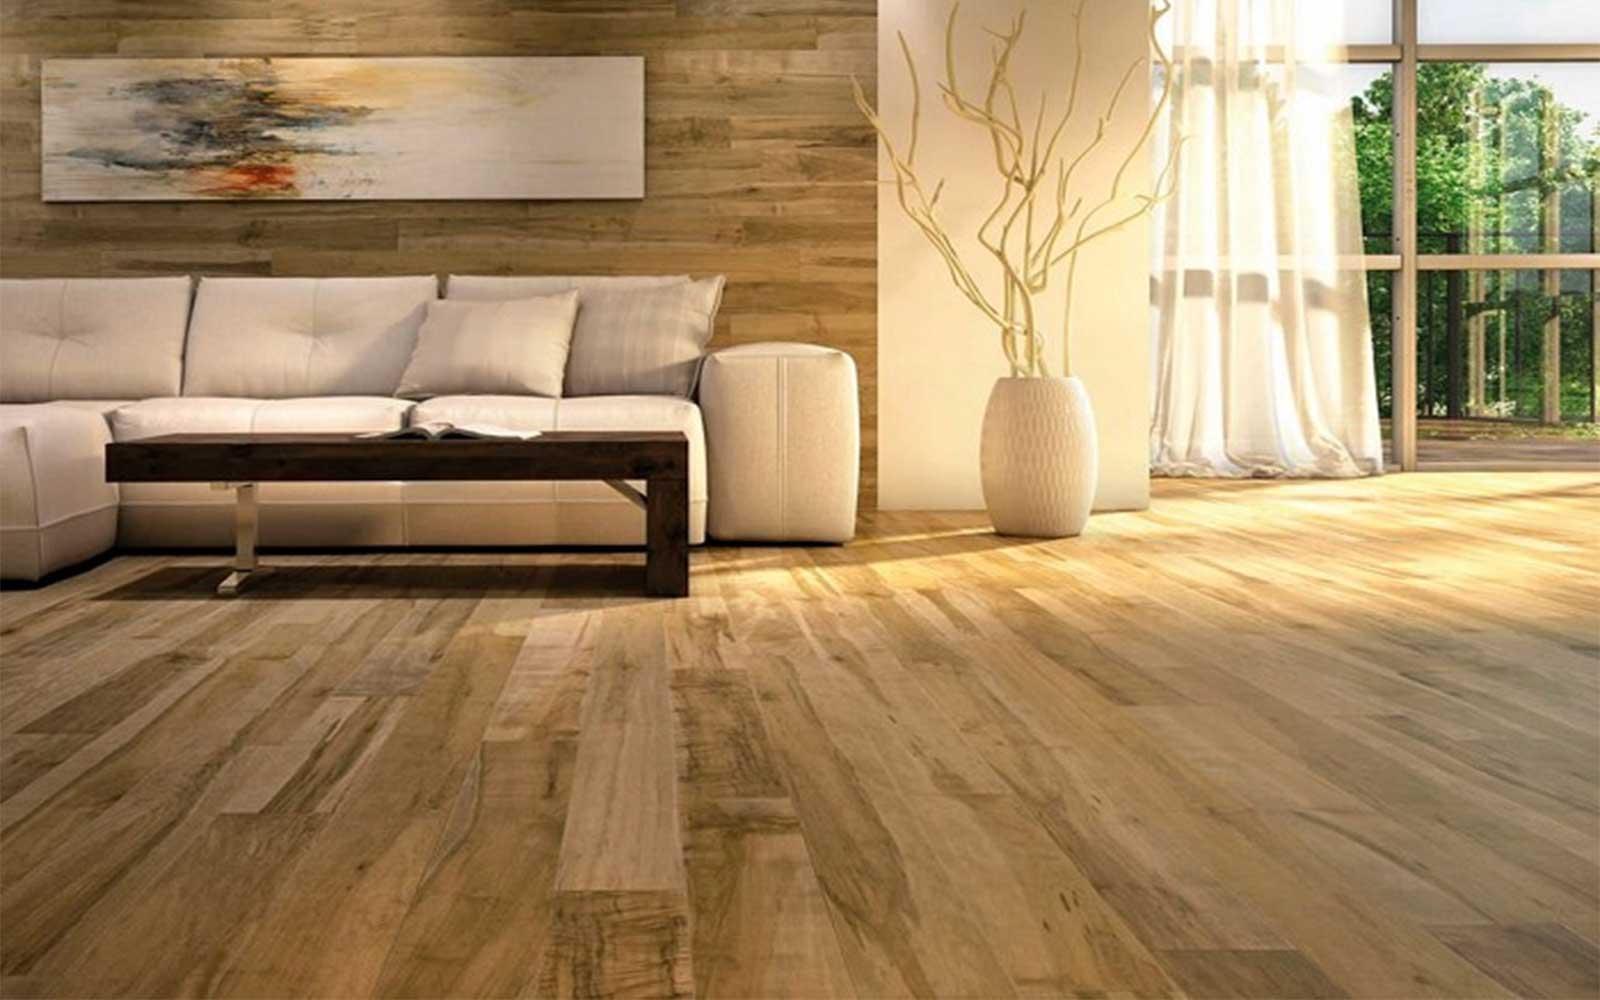 Gạch giả gỗ Royal mang màu sắc tự nhiên